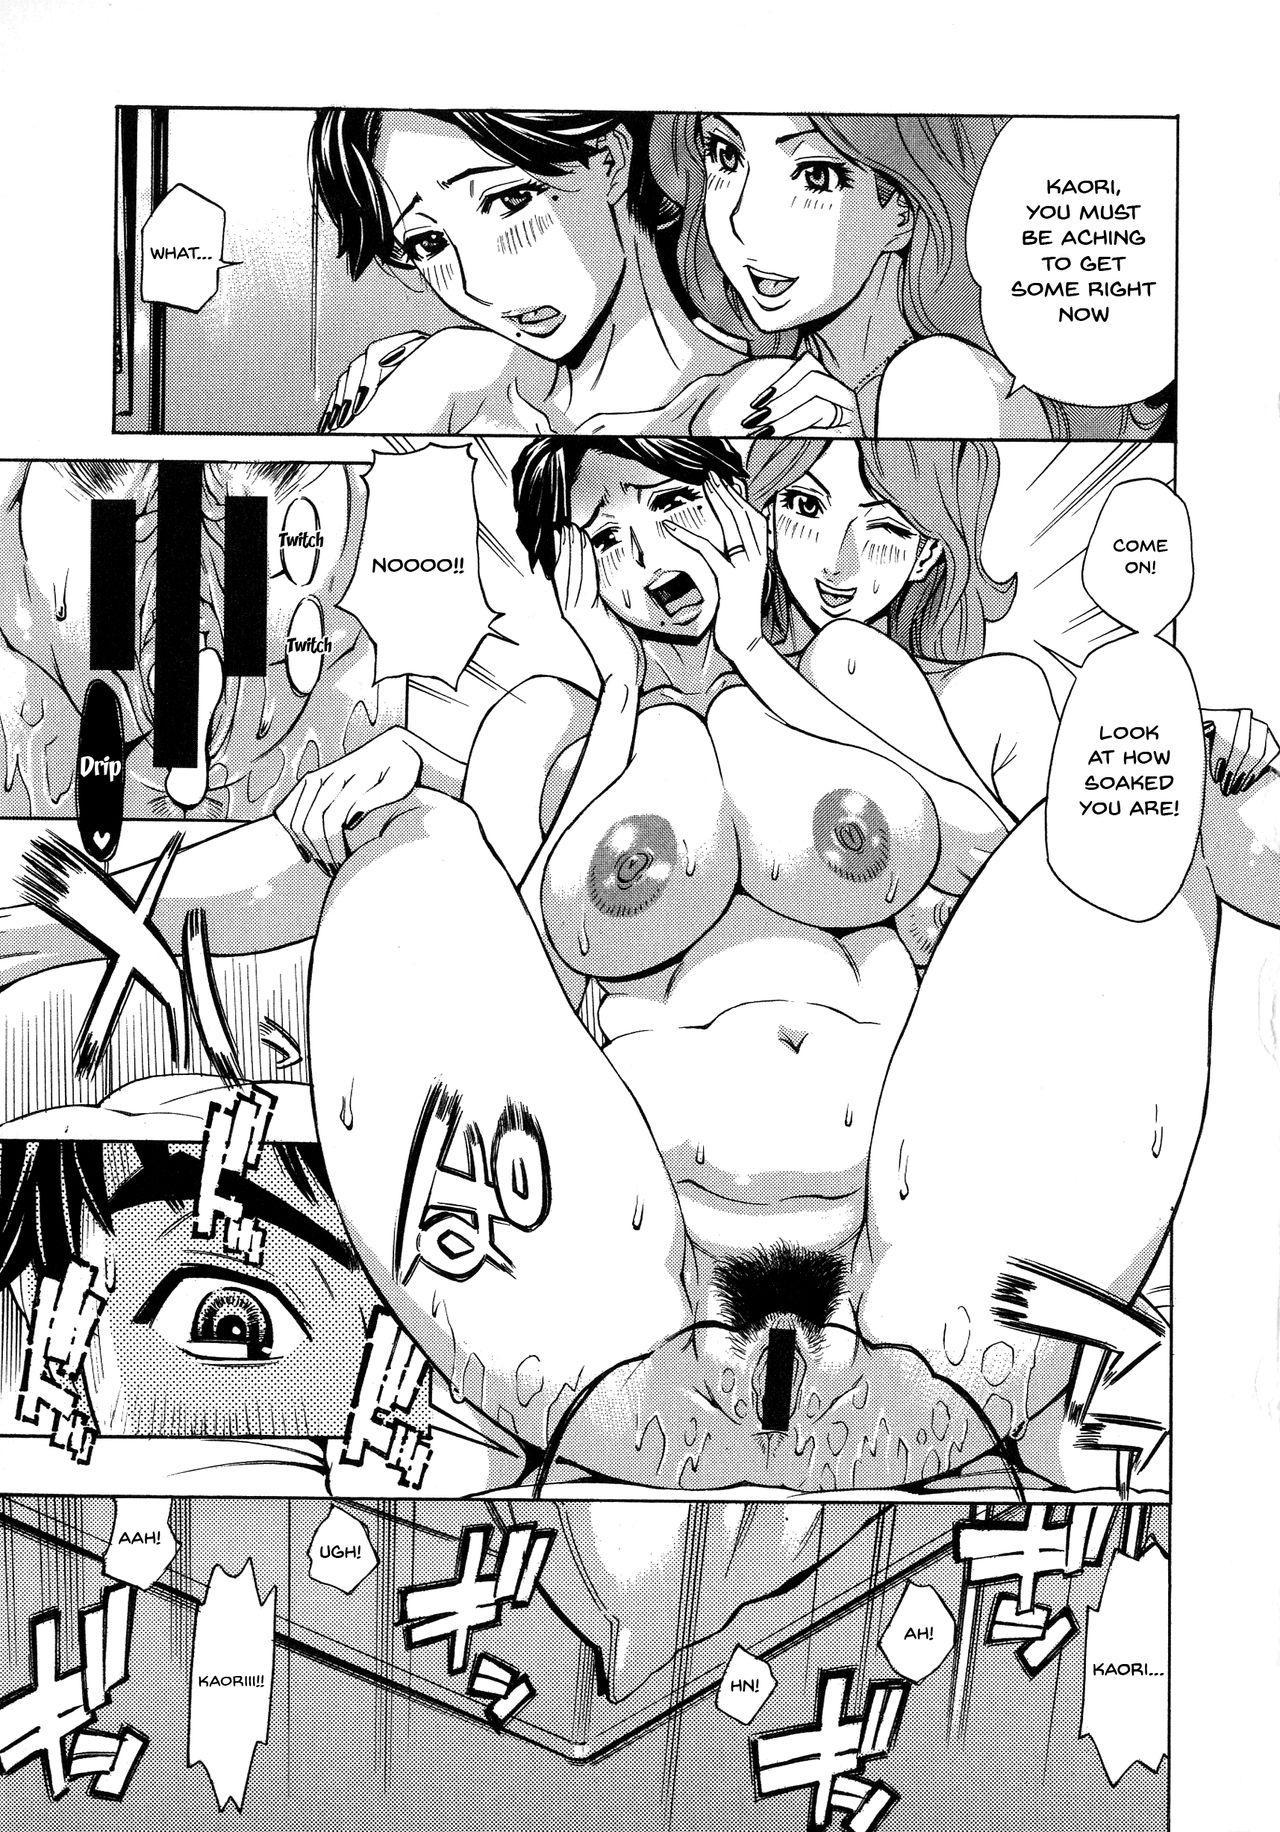 [Makibe Kataru] Hitozuma Koi Hanabi ~Hajimete no Furin ga 3P ni Itaru made~ Ch.1-9 [English] {Doujins.com} 52